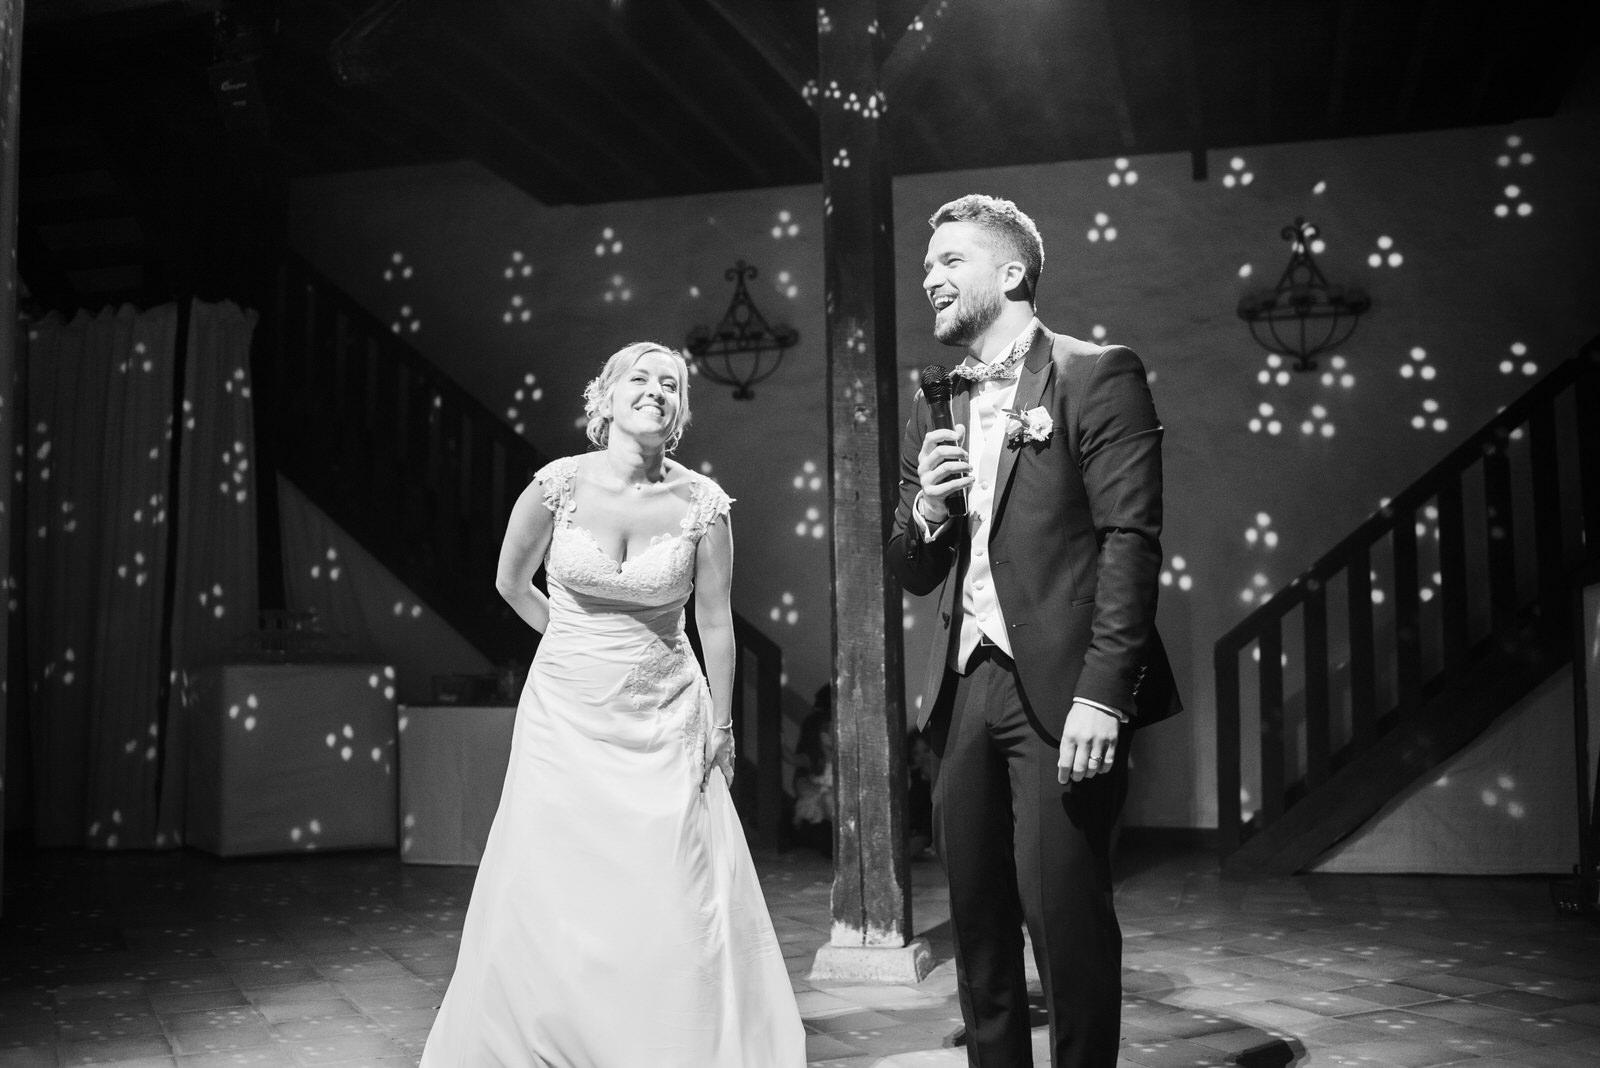 La grange des Aulnaies Photographe de mariage Christophe Lefebvre discours